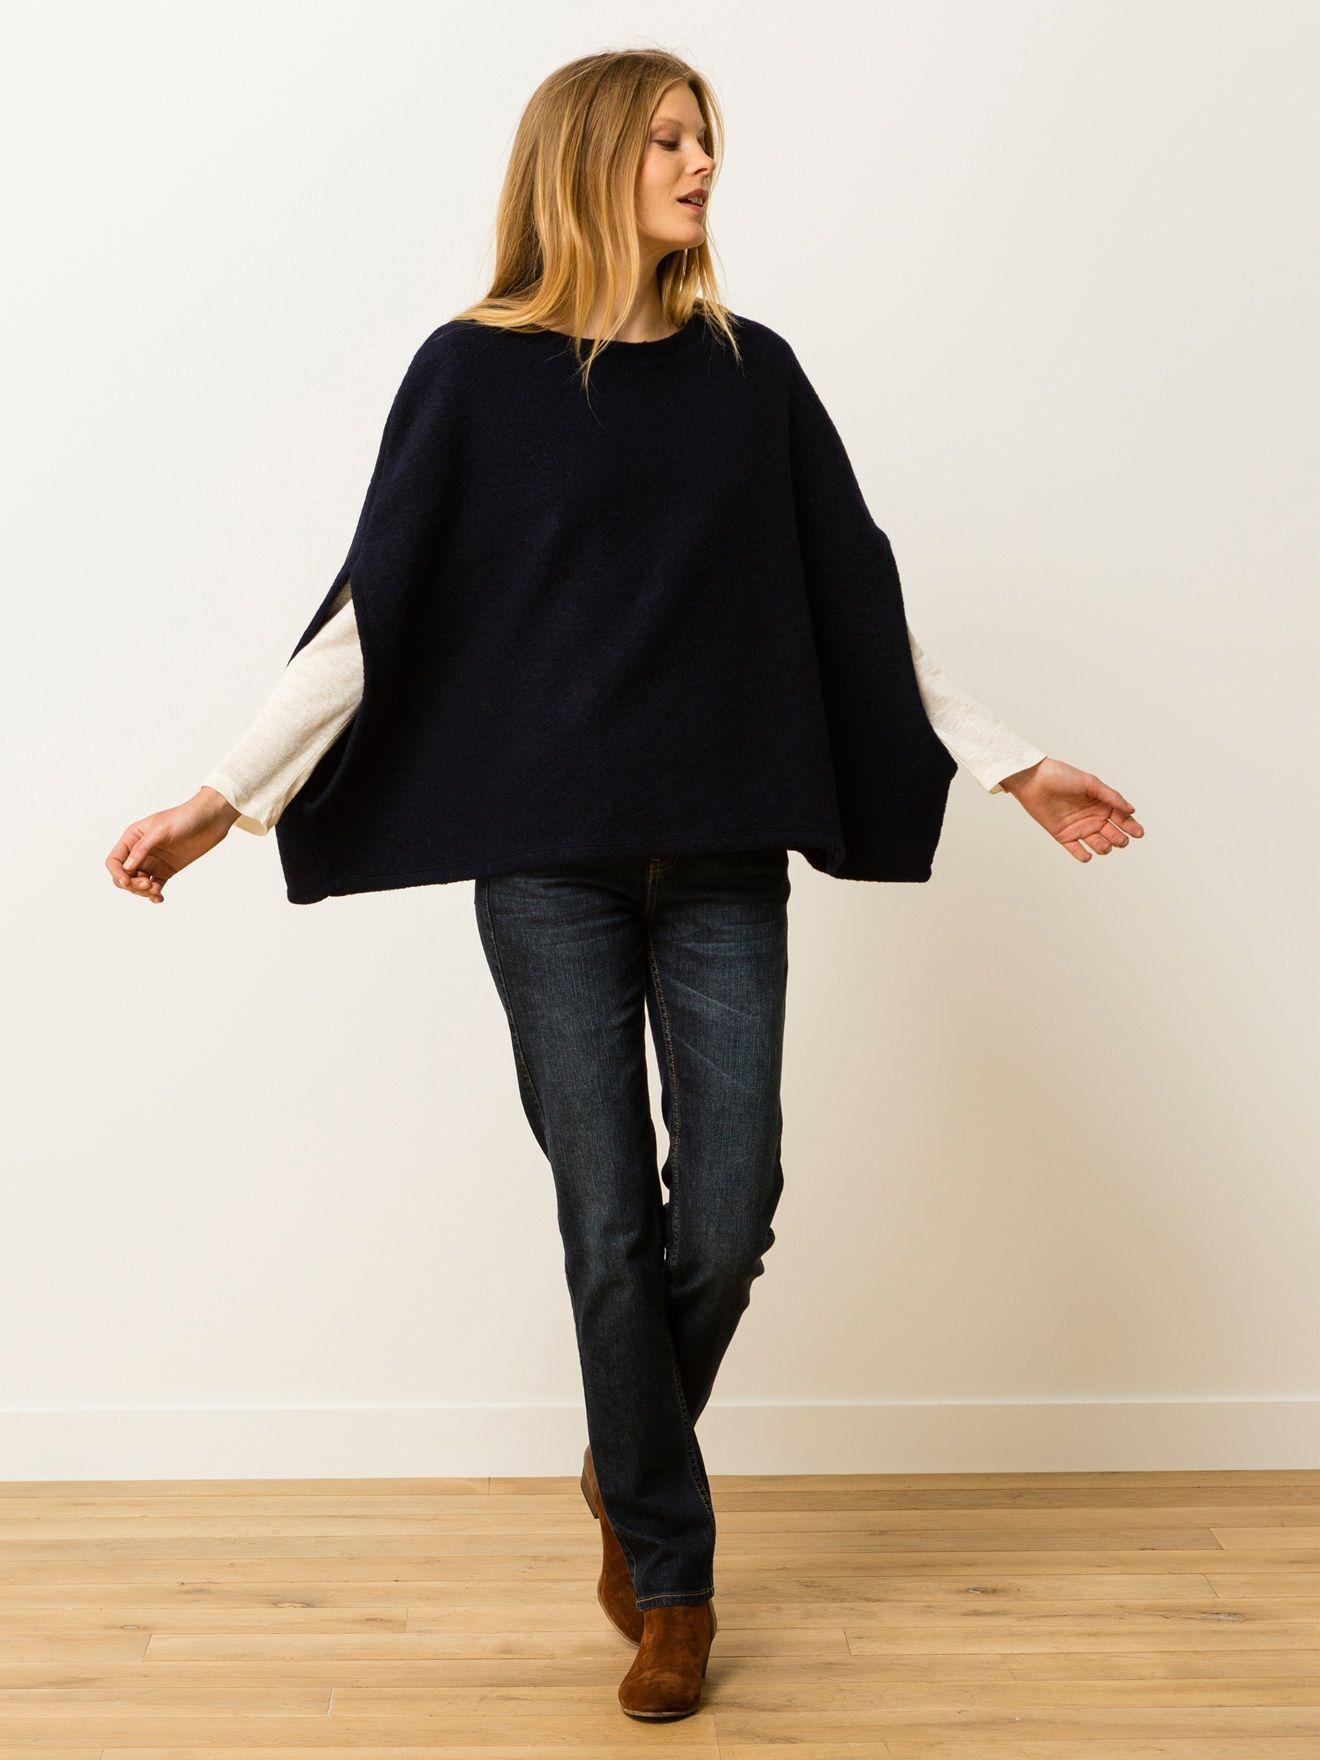 Cape en laine bouillie sans manches. Encolure dégagée. 2 ouvertures sur les côtés dans le bas pour passer les bras.    Une cape chaude et facile à por